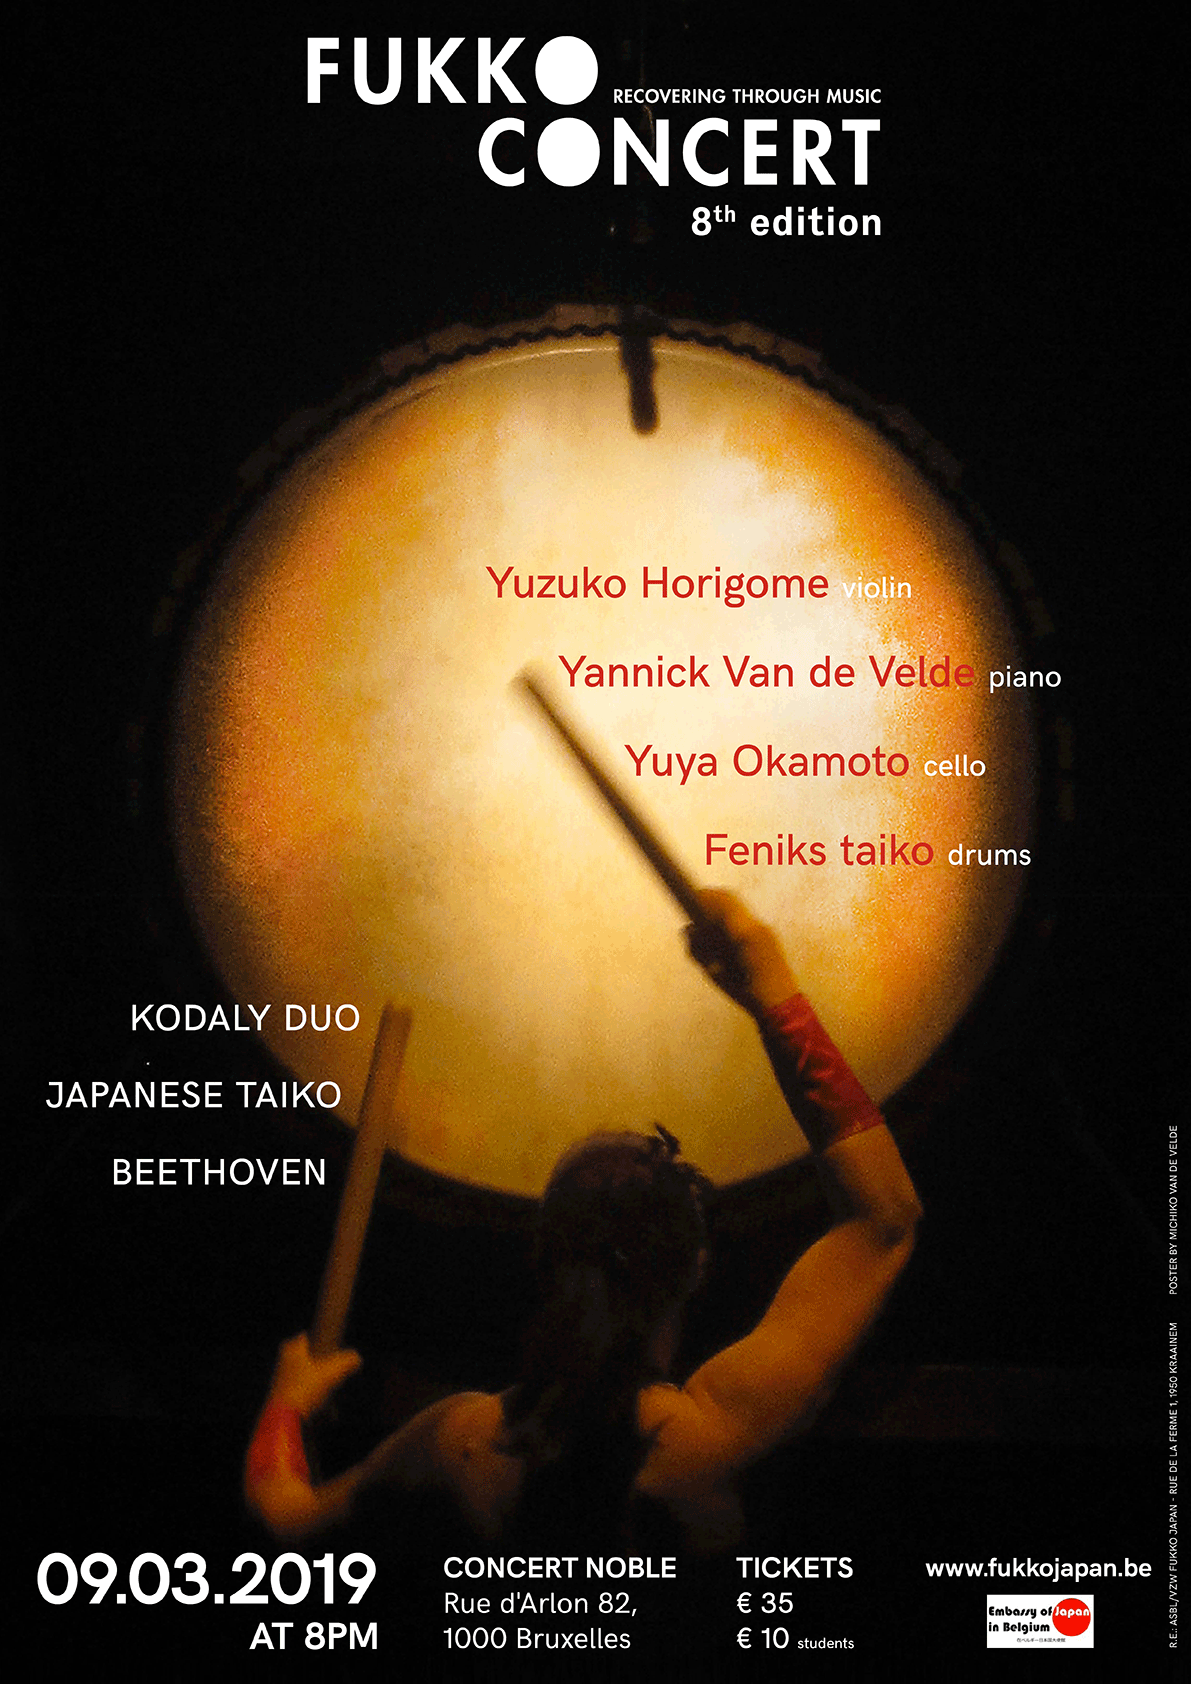 fukko concert 2019